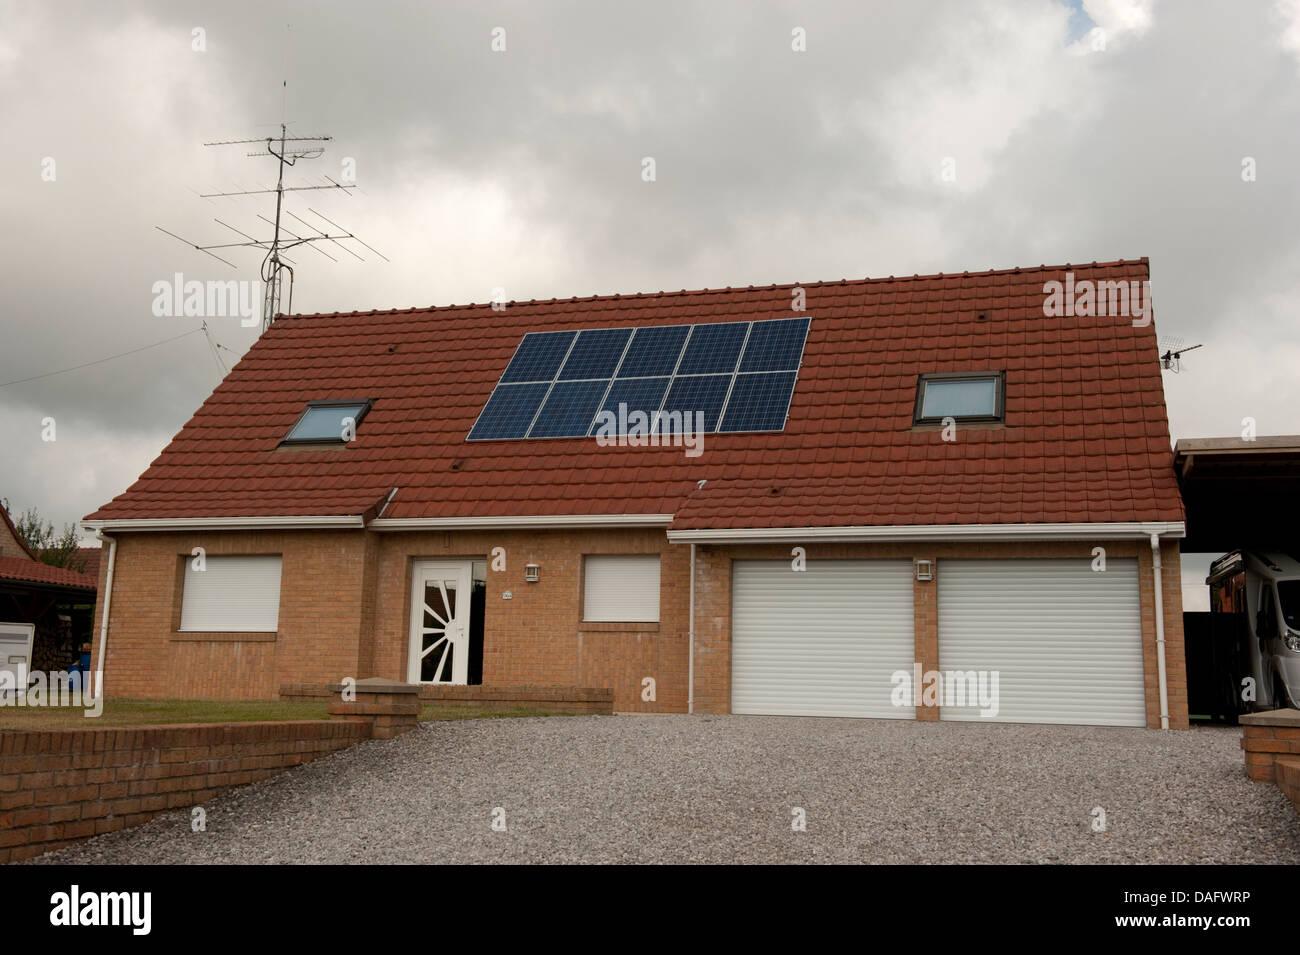 Los paneles solares del techo de la casa Campagne-les-Guines Francia Imagen De Stock